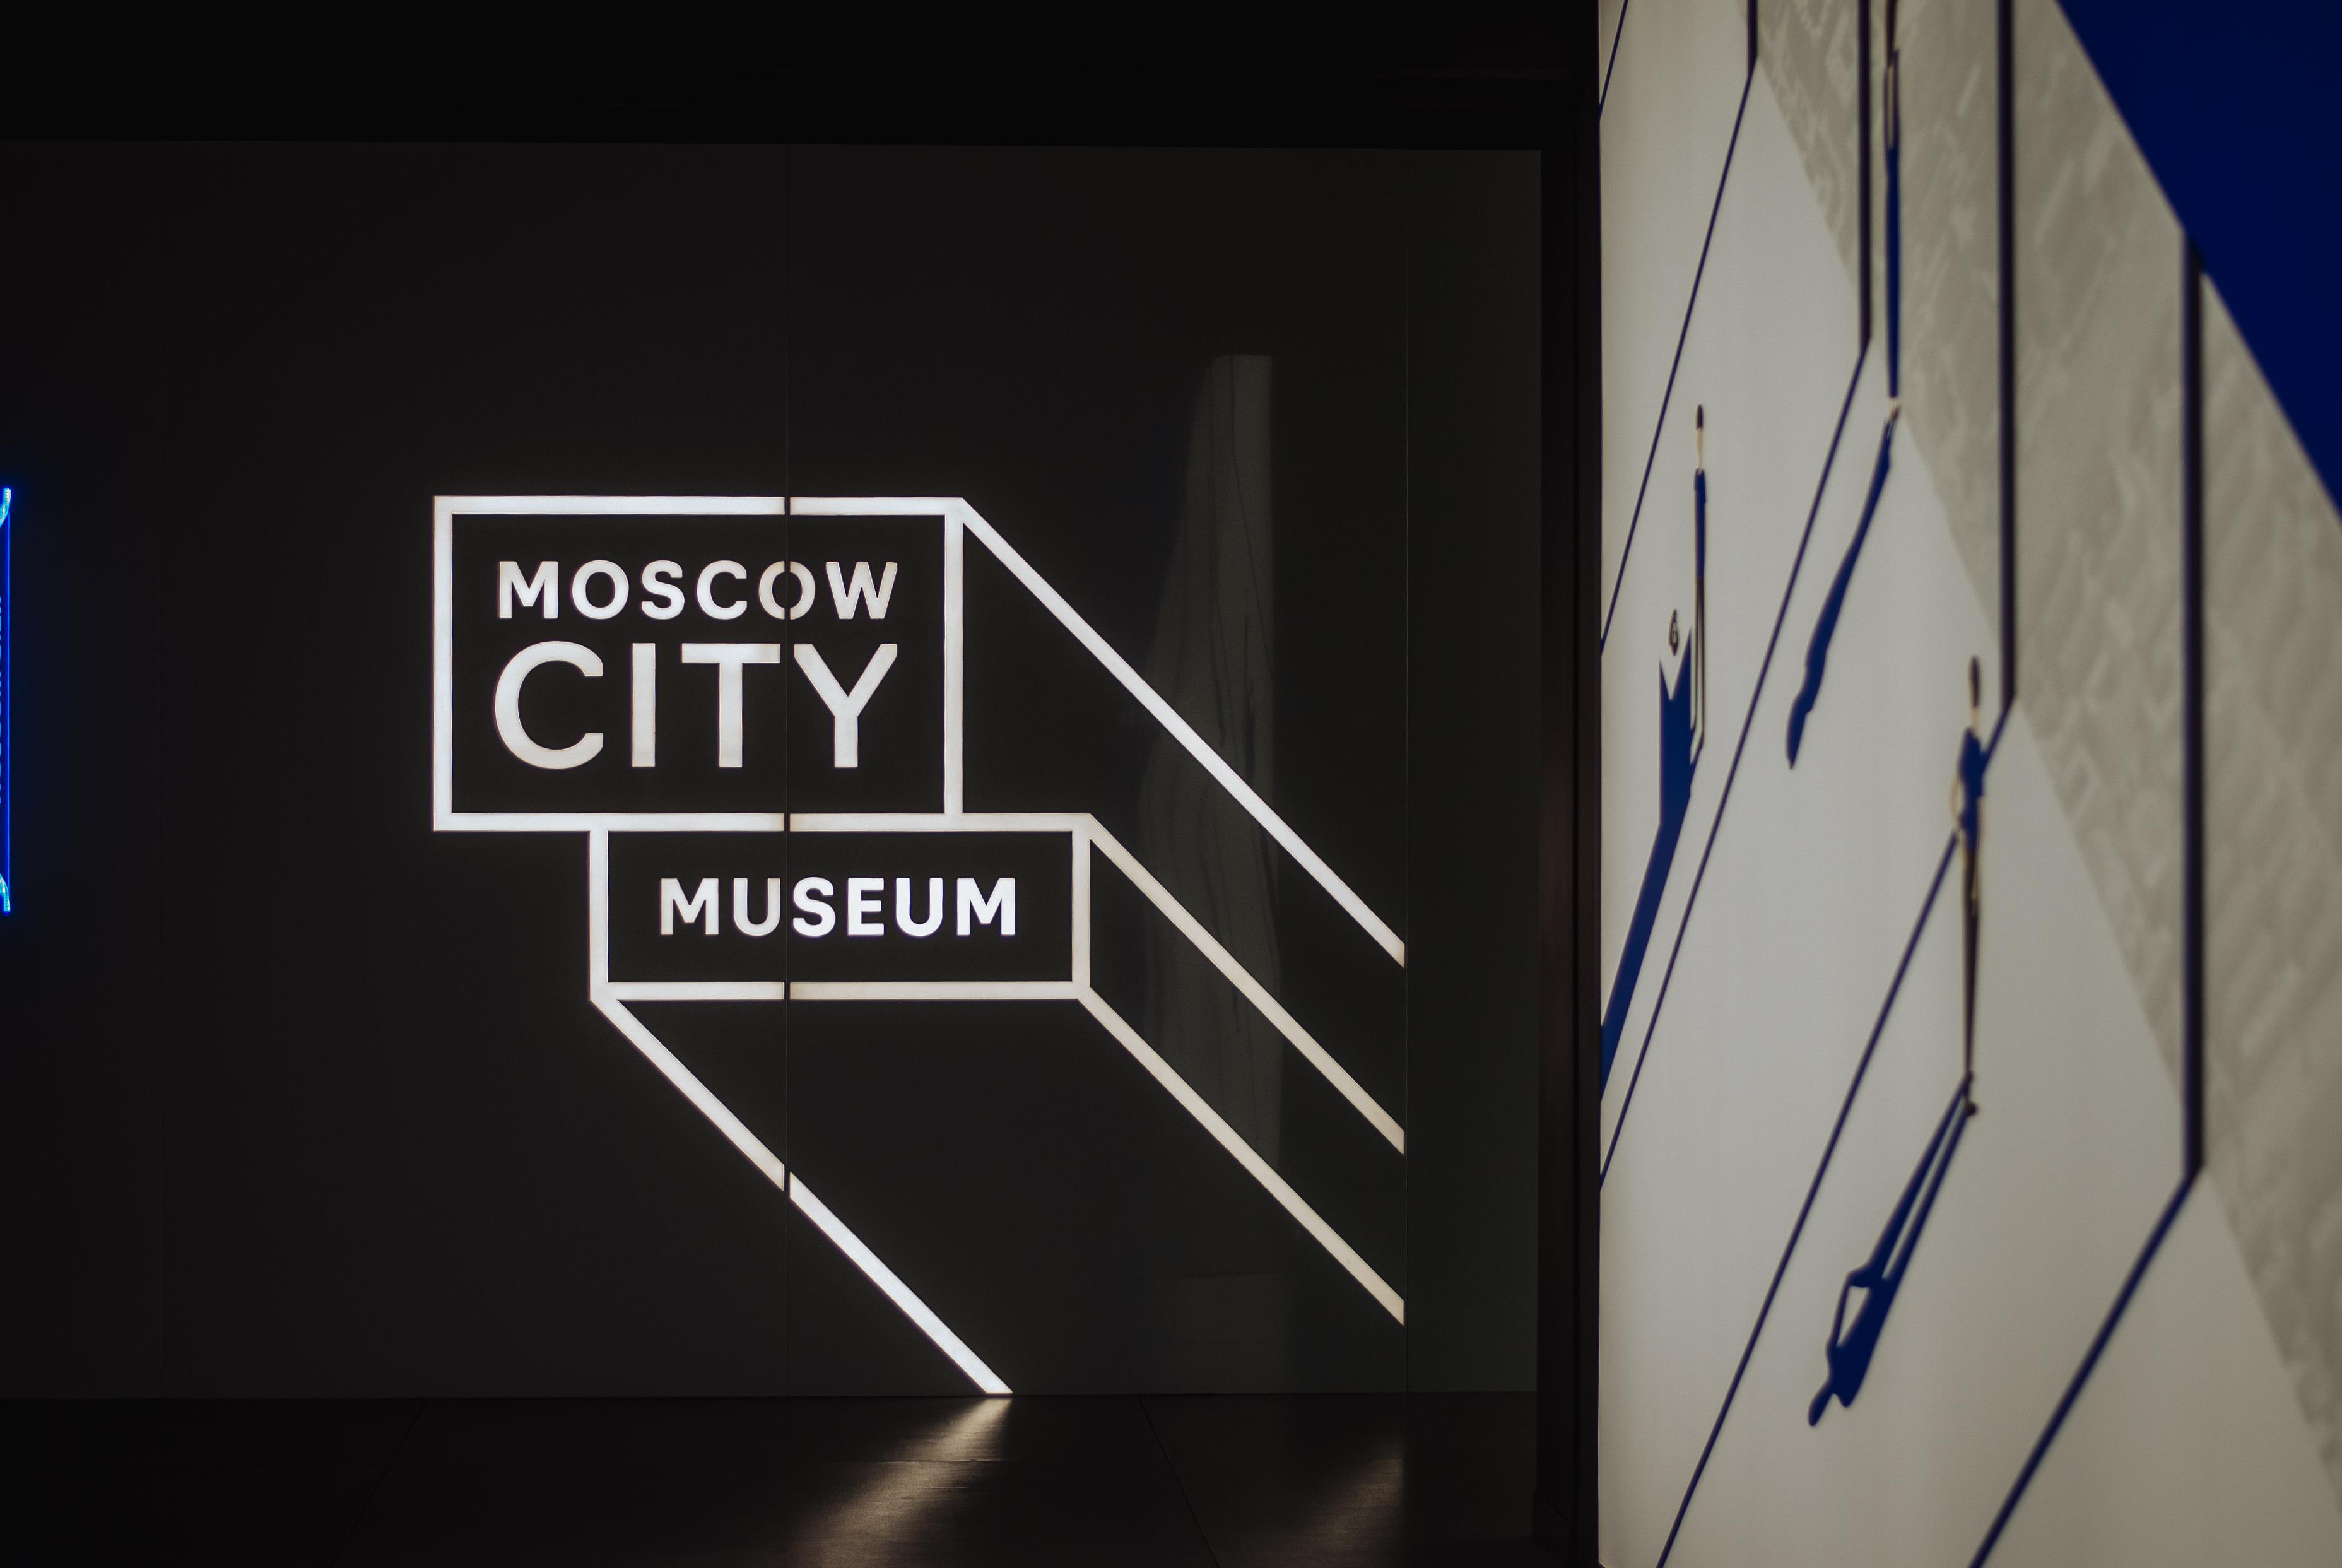 Музей Москва-ситив башне Империя Москва-Сити